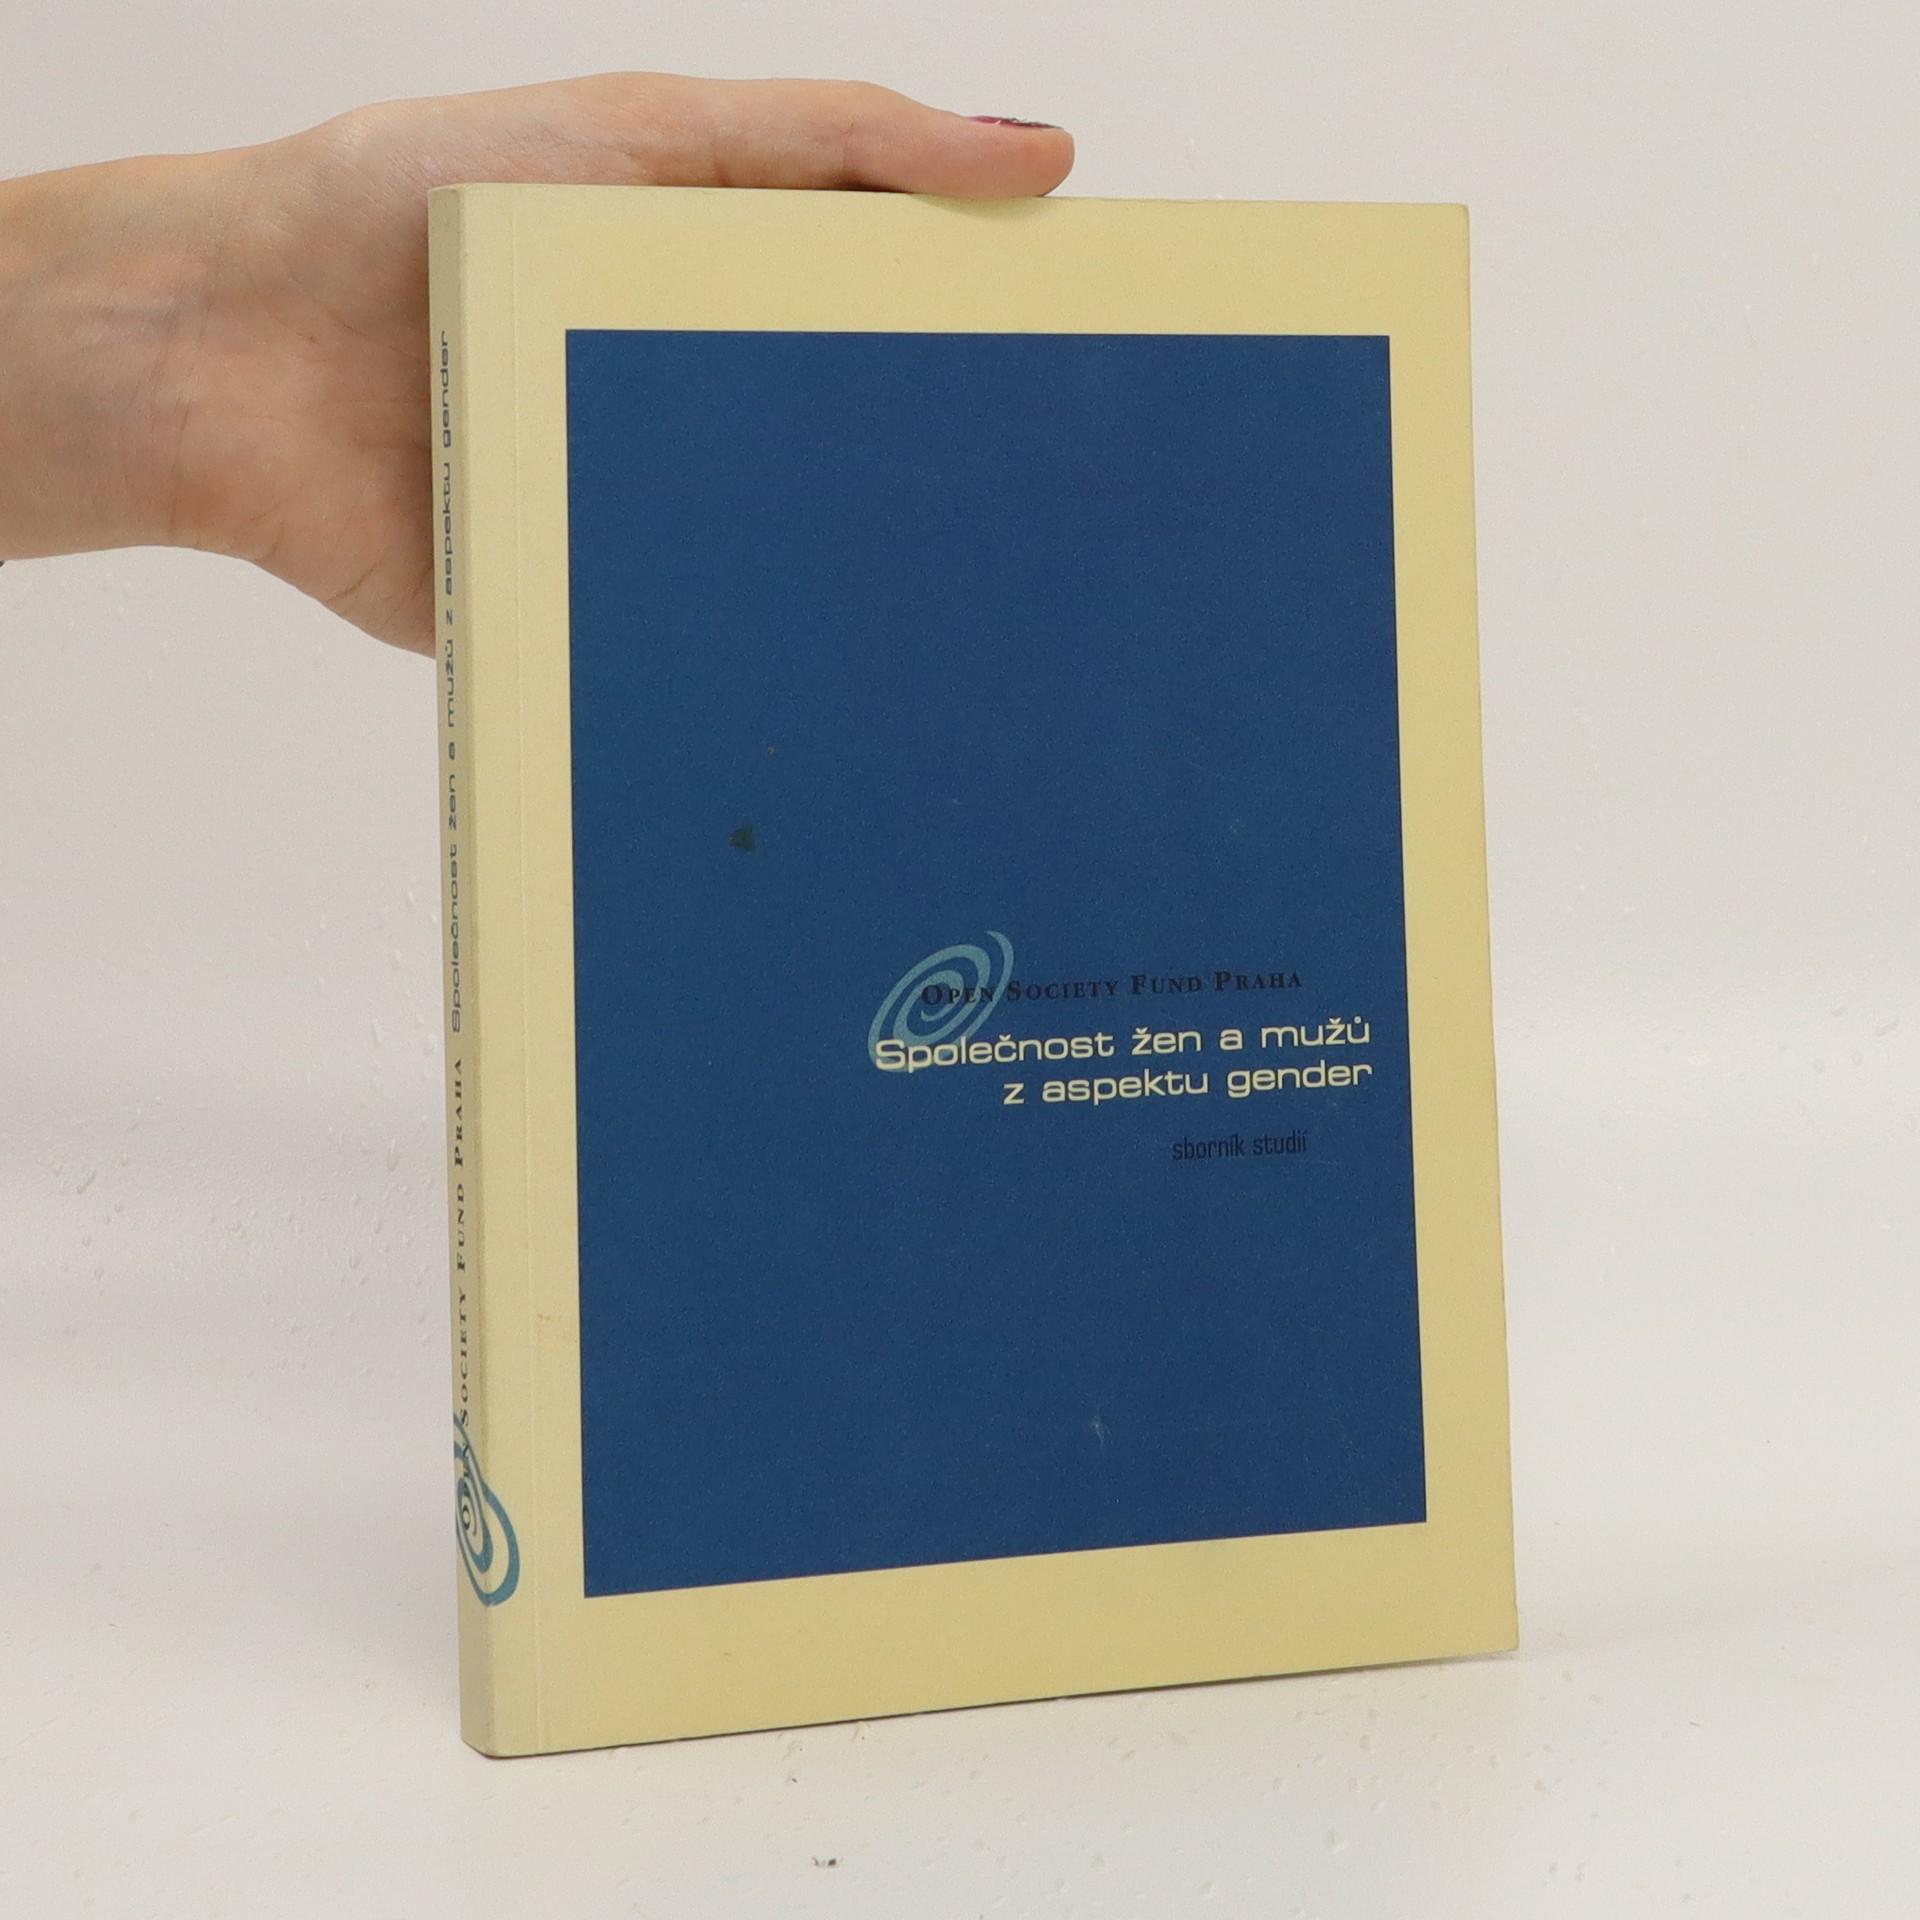 antikvární kniha Společnost žen a mužů z aspektu gender, 1999